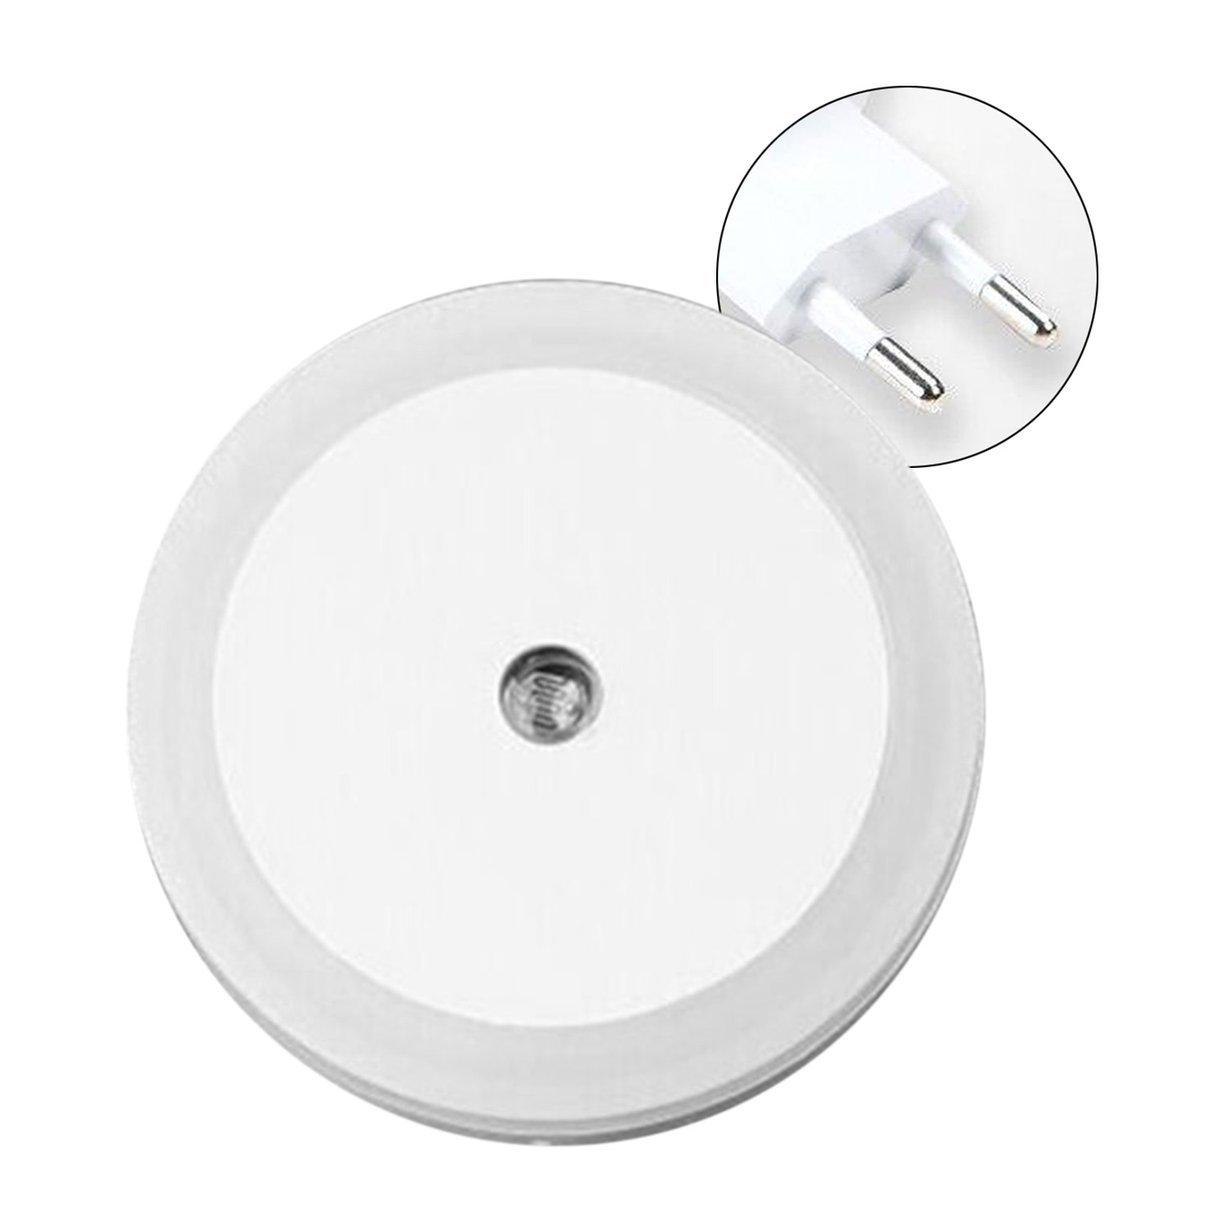 Petite forme ronde Wall Light LED lampe à induction Veilleuse automatique commutateur de lumière capteur ménage fournitures économie d'énergie Detectoy